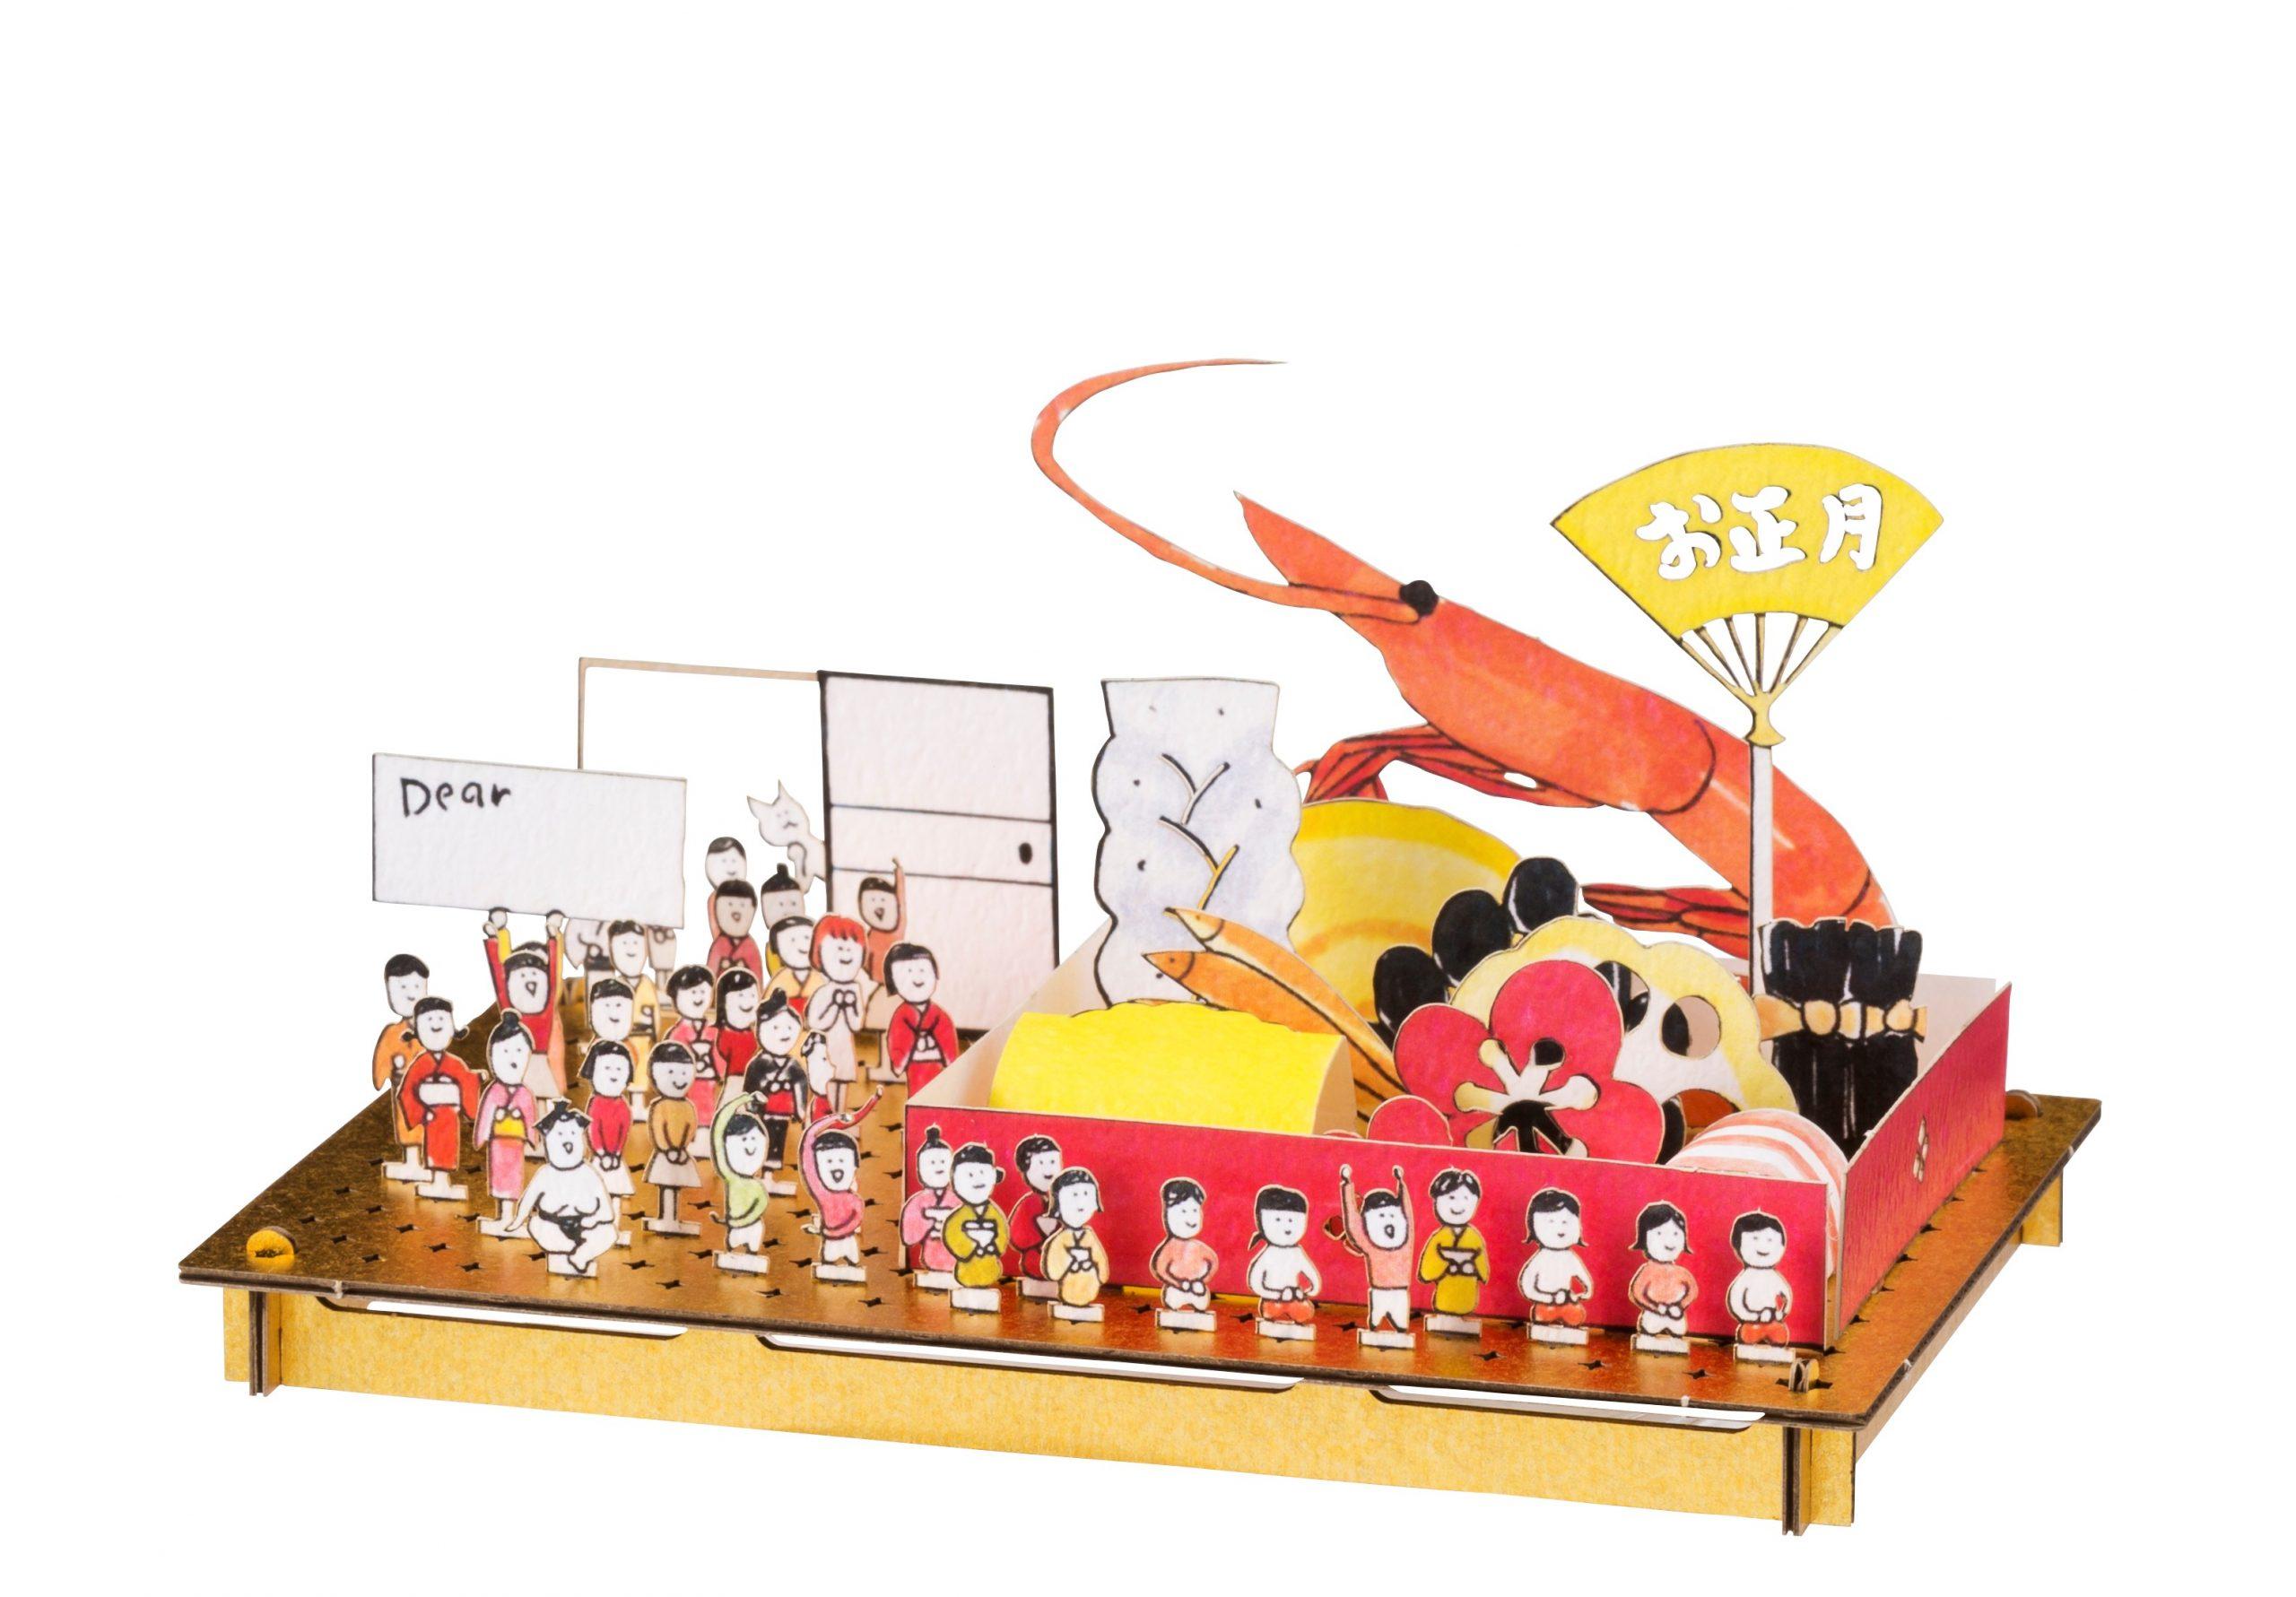 ברכה בסגנון יפני להרכבה בתלת-ממד